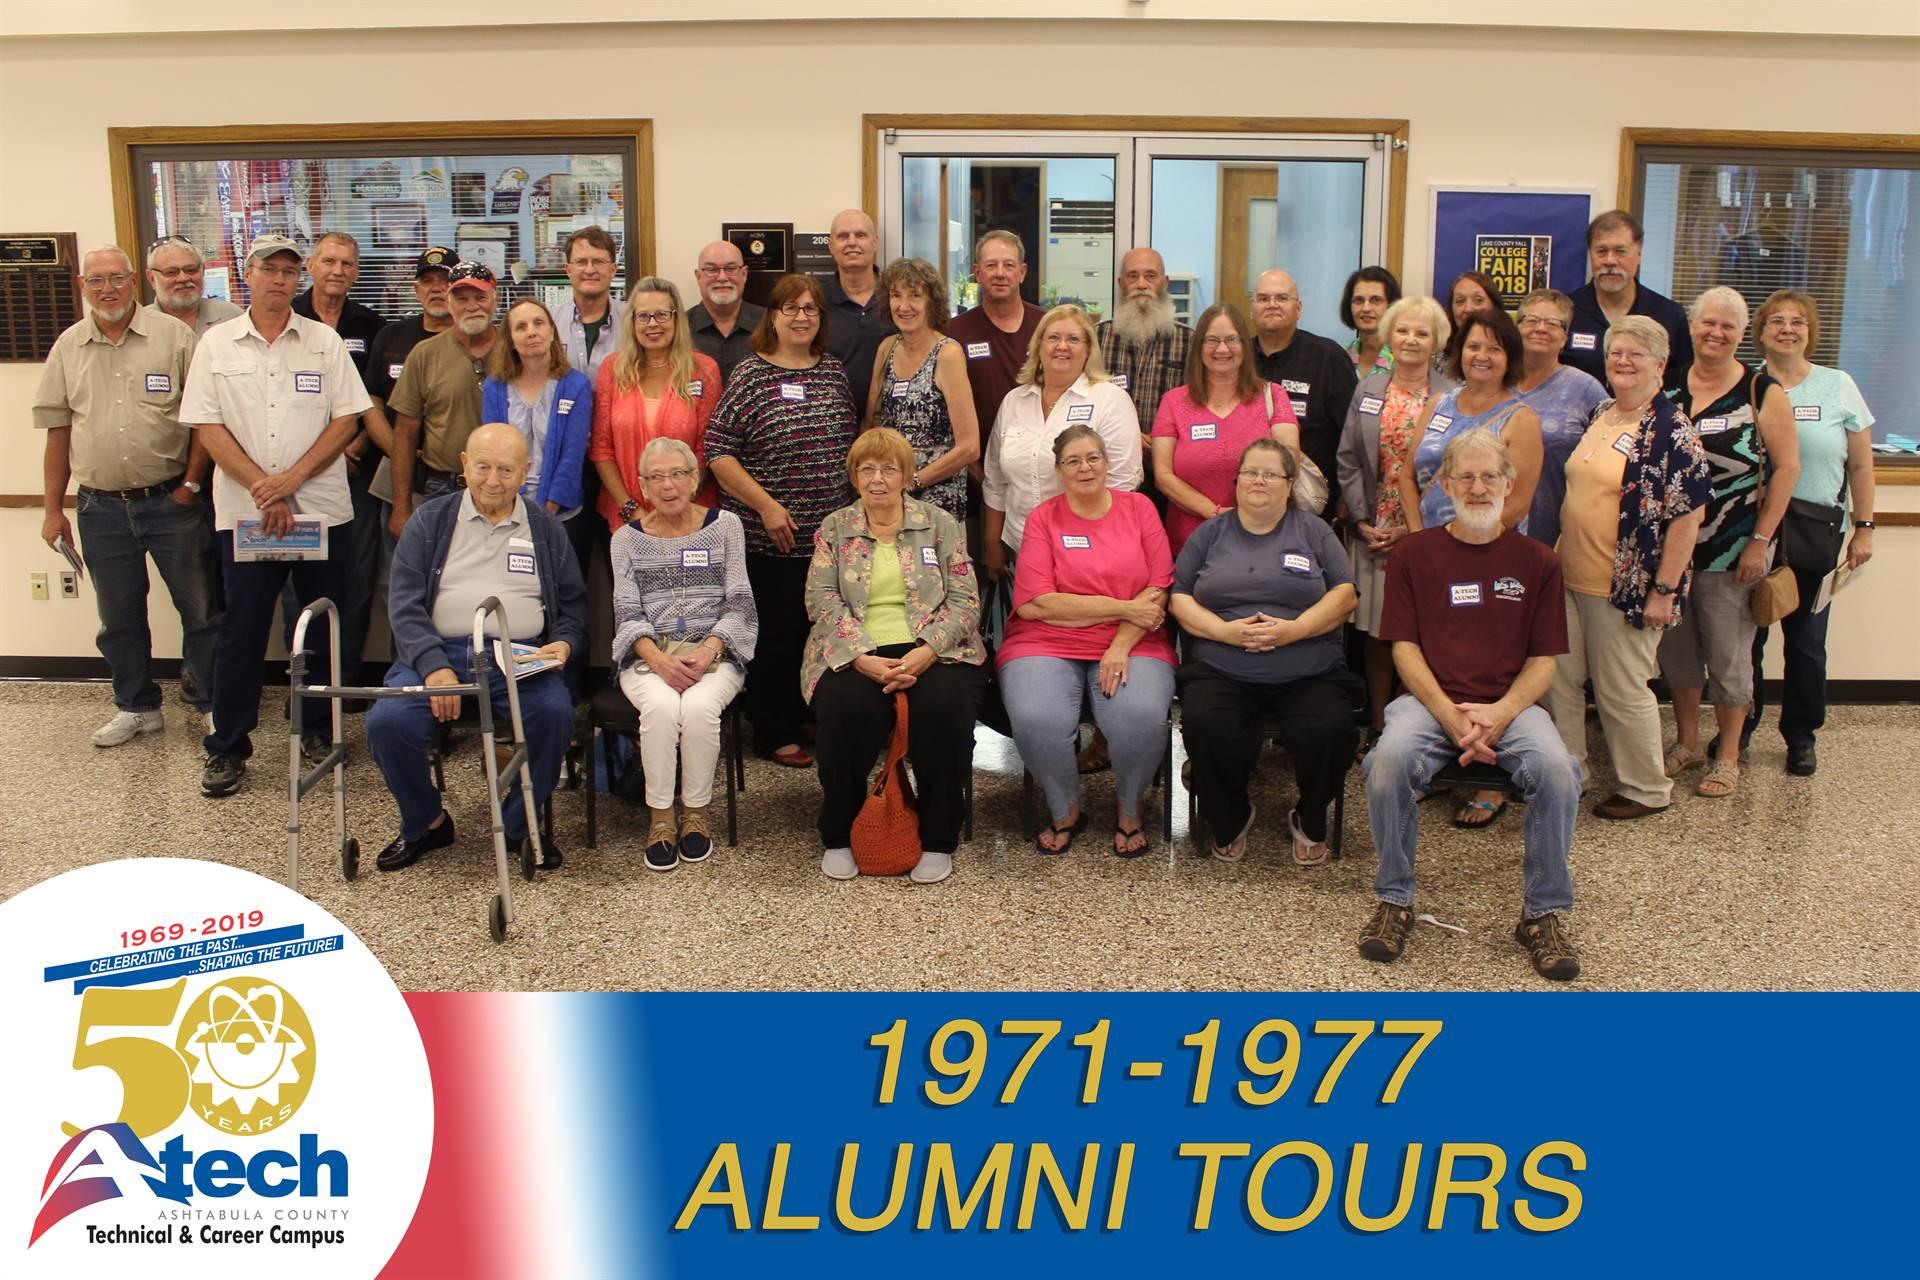 1971 - 1977 Alumni Photo